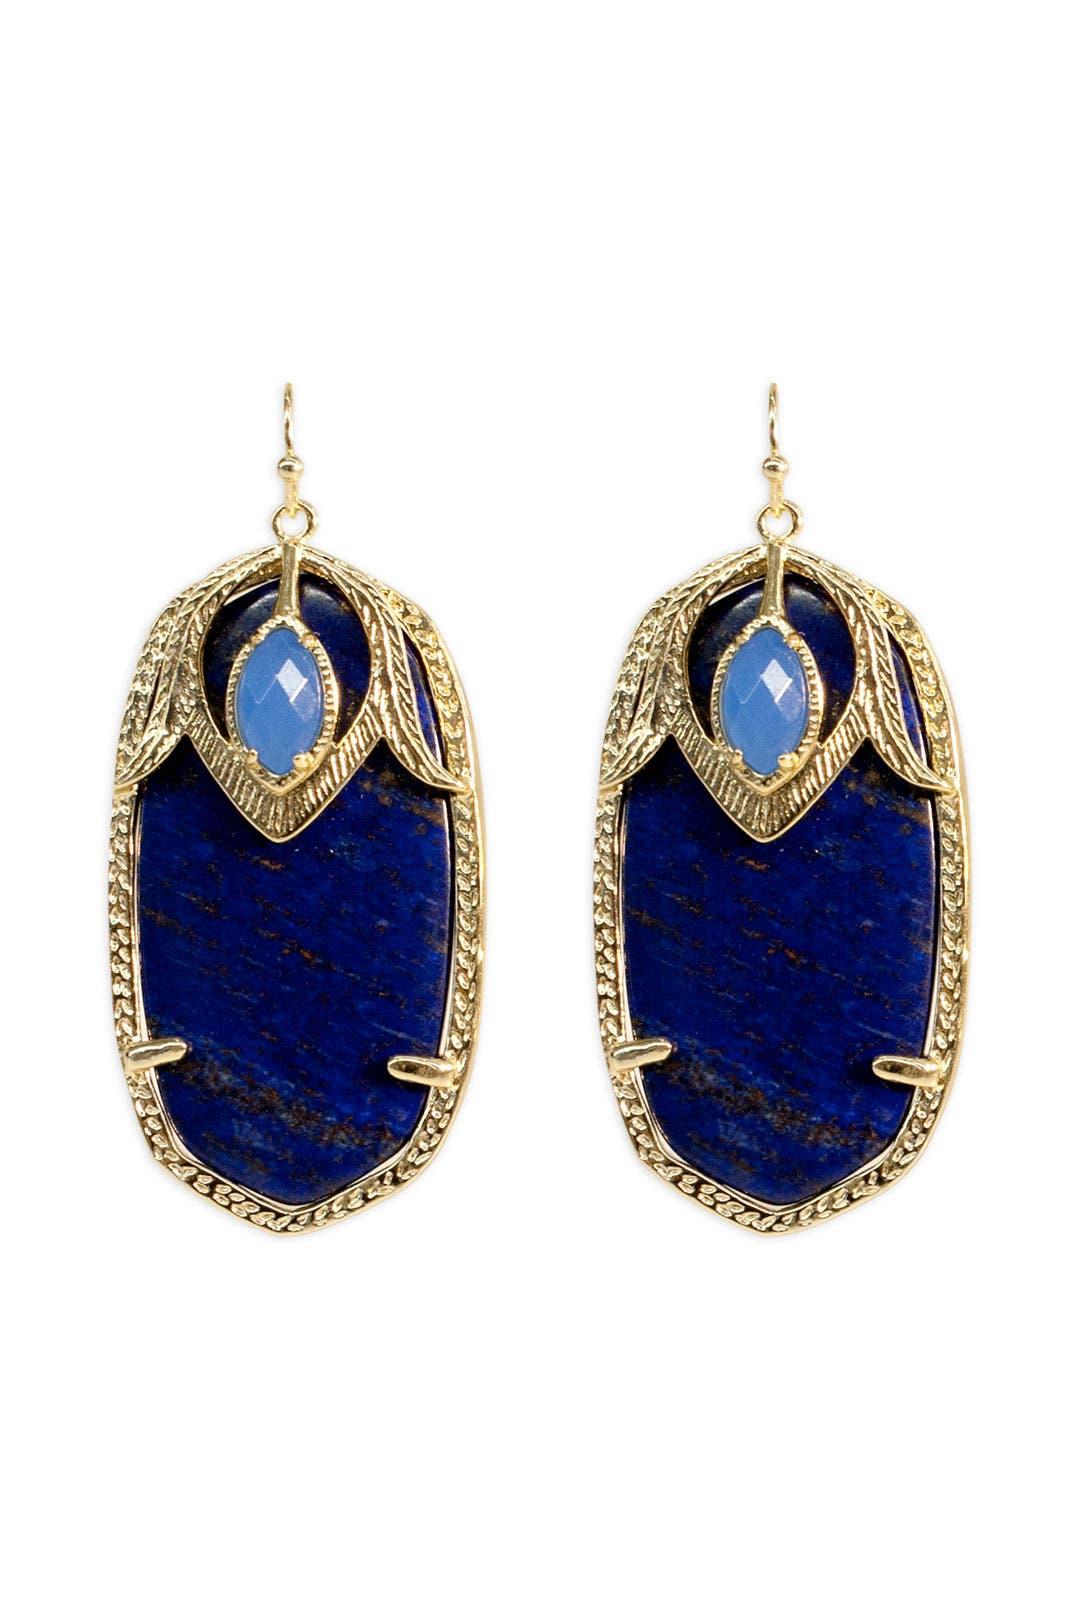 Darby Mirage Earrings by Kendra Scott